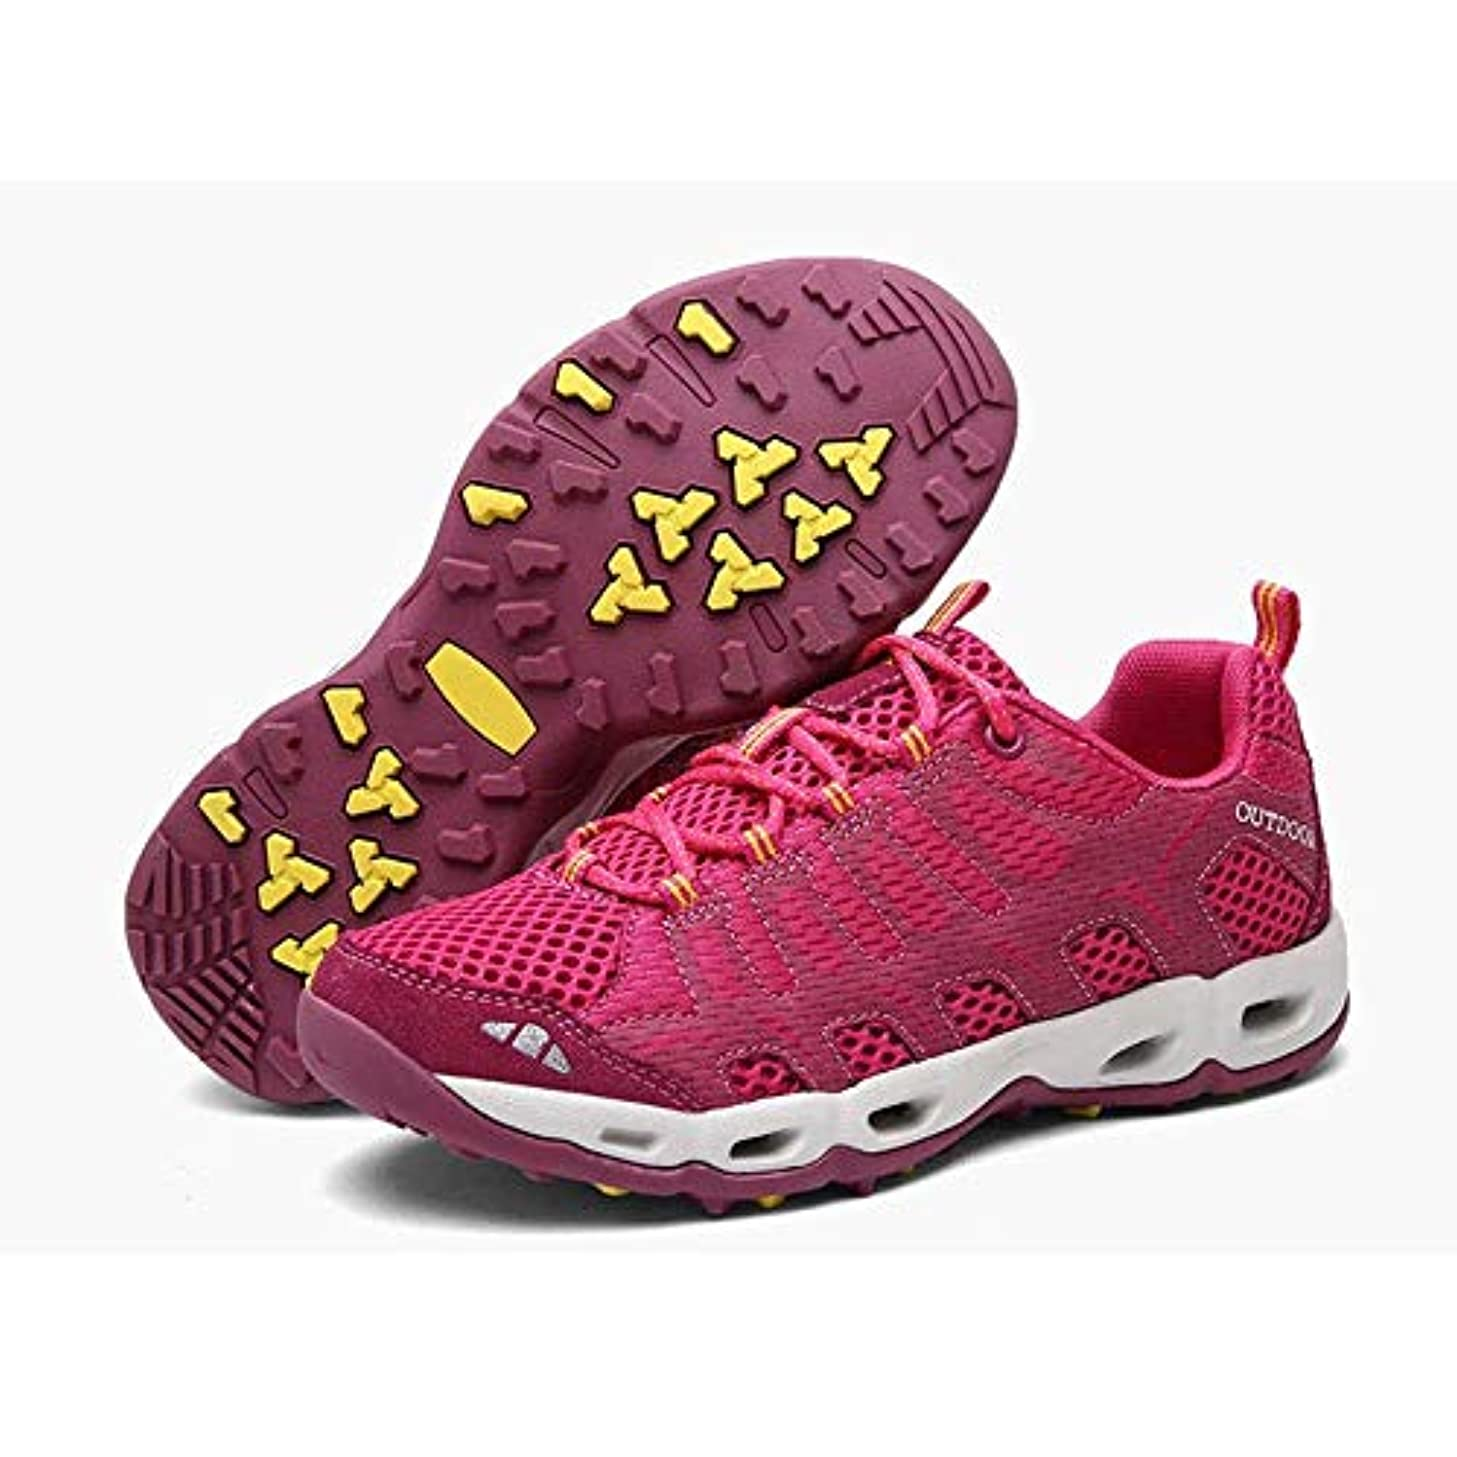 出くわすシャツ平方HYH 春と夏のゴムの滑り止めの吸汗性屋外ハイキングシューズカジュアルハイキングアップストリームの靴男性の軽量の滑り止め速乾性排水メッシュの靴と通気性のカップルUS-US 10.5 いい人生 (色 : Pink, Size : US6.5)